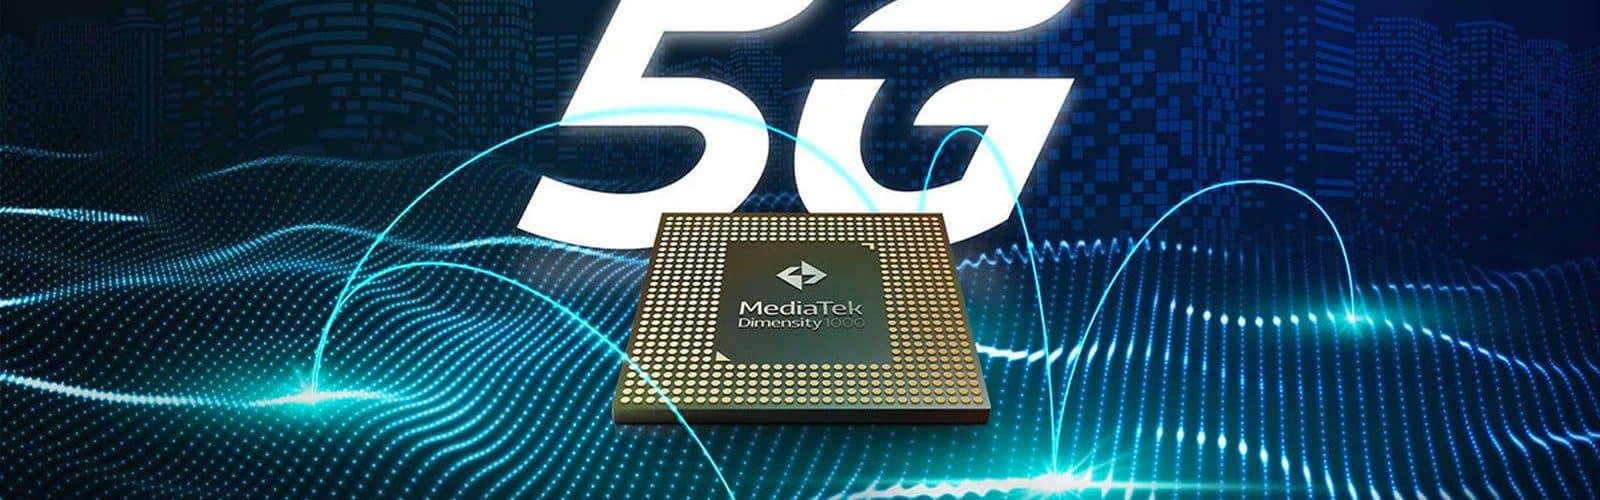 MediaTek Dimensity 1000 chipset